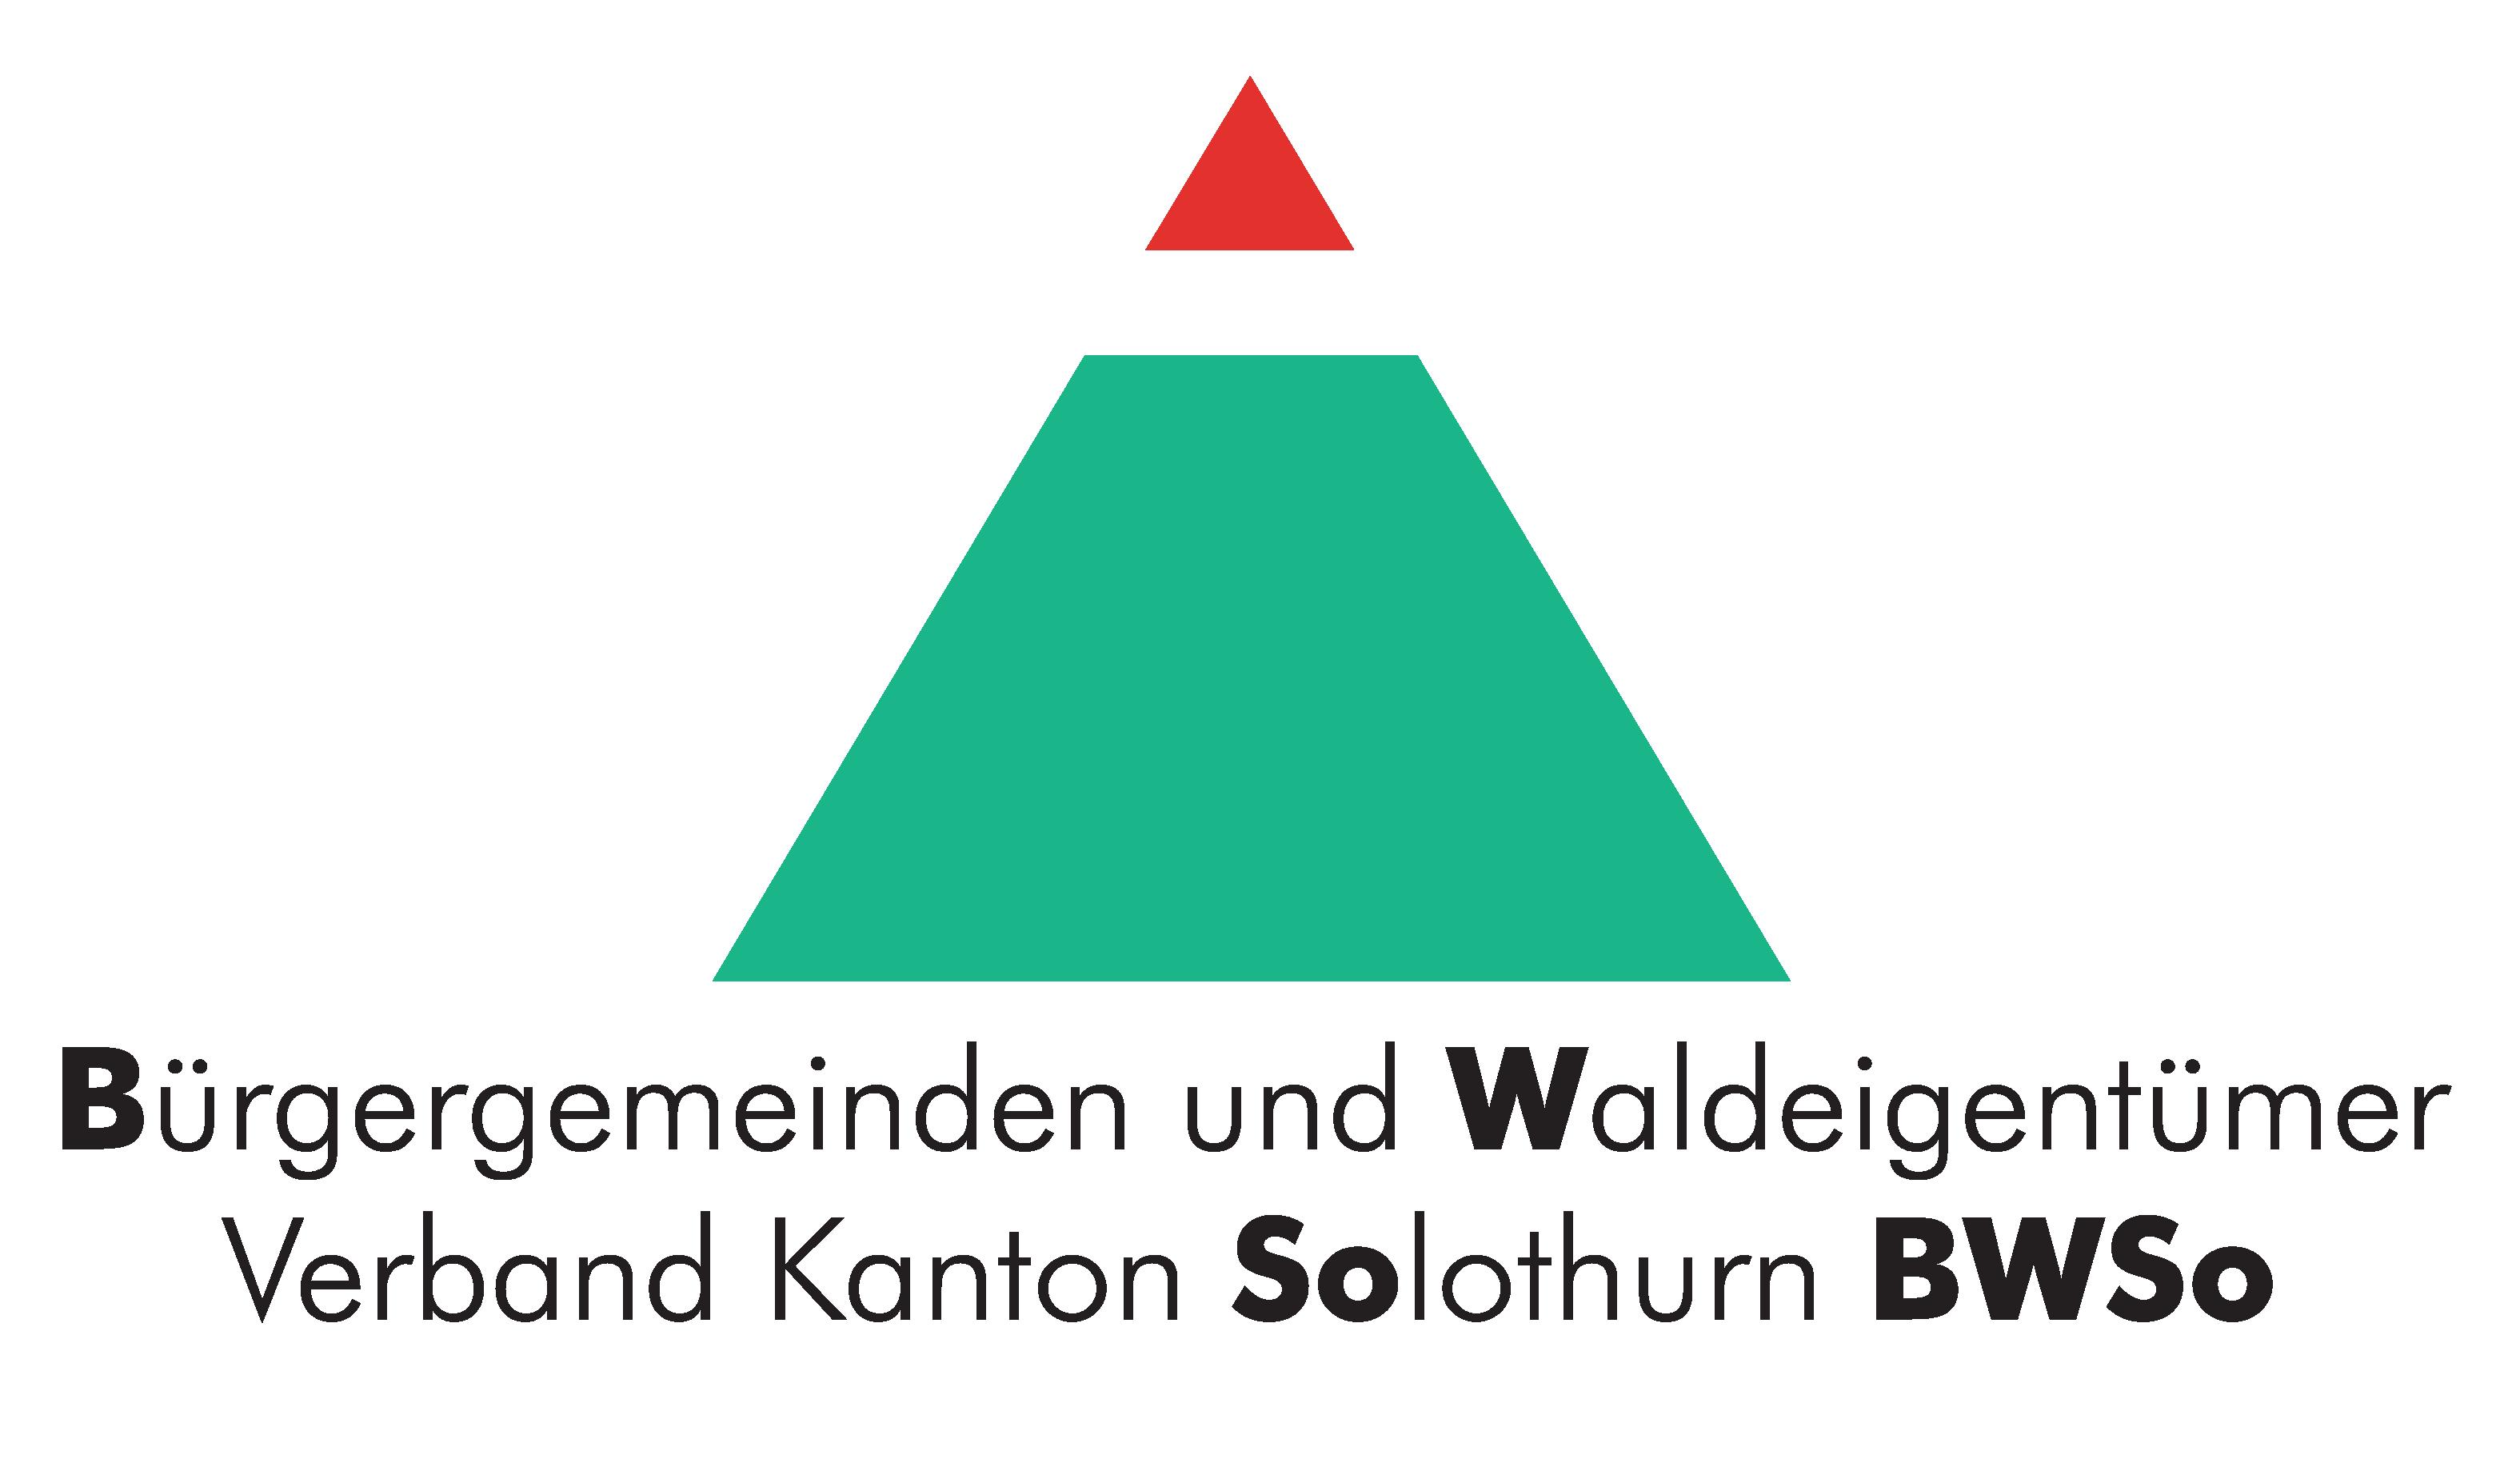 Bürgergemeinden und Waldeigentümer Verband Kanton Solothurn BWSo